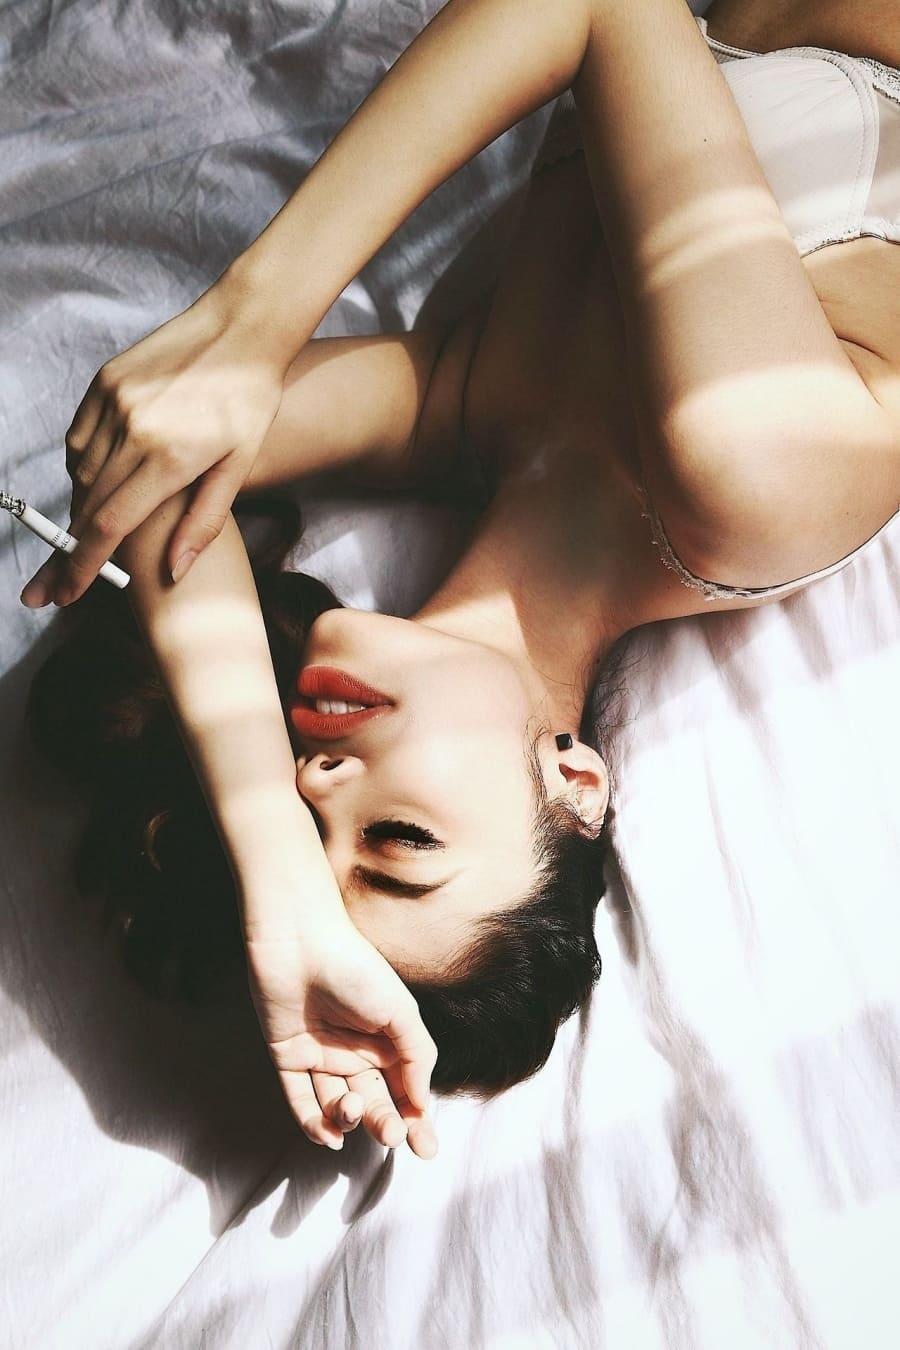 девушка курит лежа на спине в постели красивые яркие губы, закрытые глаза, рот немного приоткрыт, в правой руке сигарета